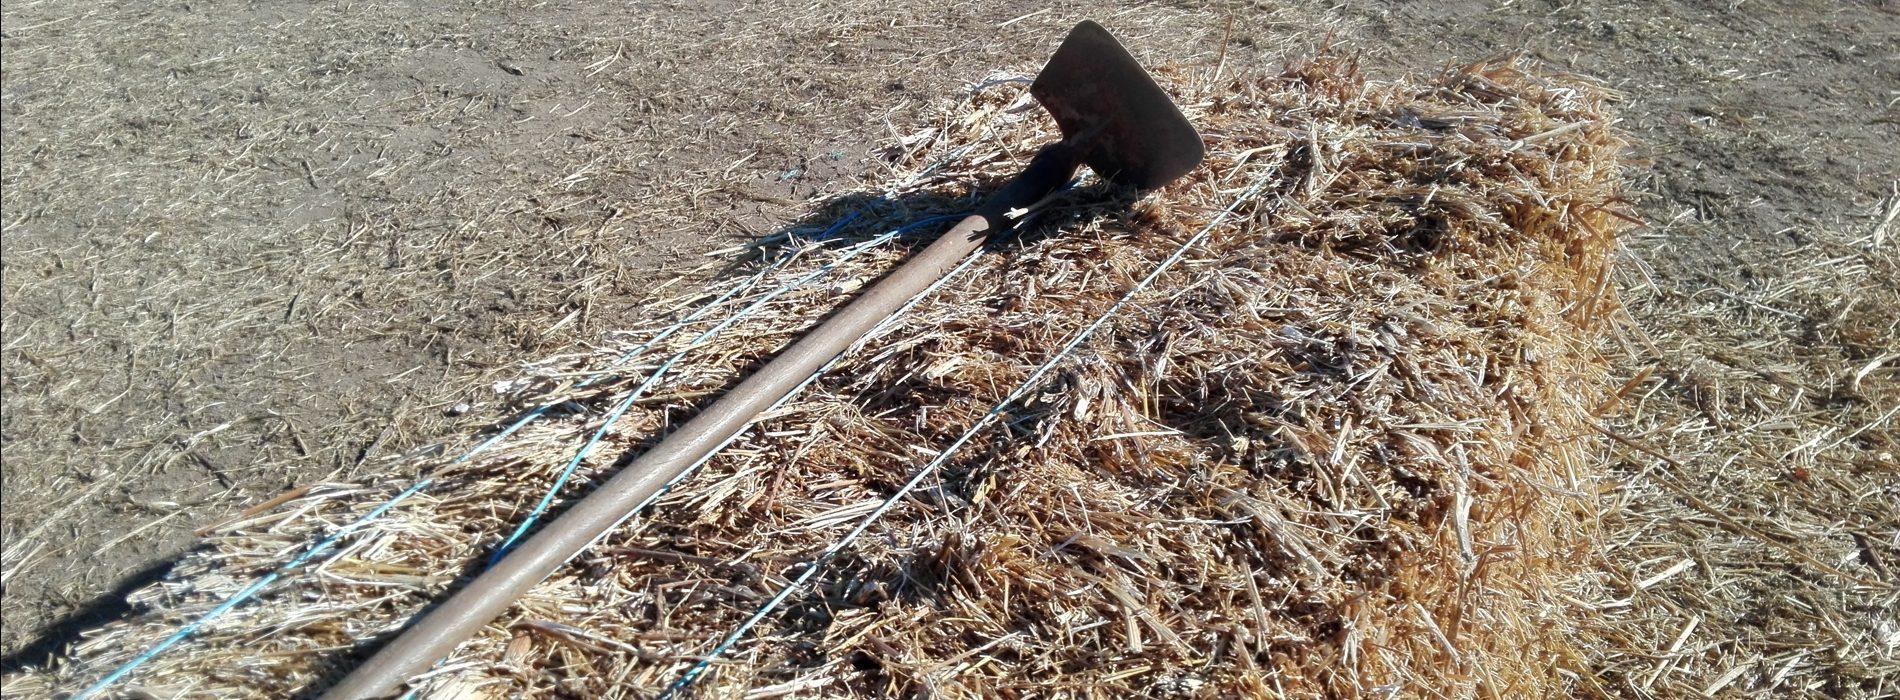 Incêndios: Um quinto dos agricultores afetados apresentou pedidos de pagamento. Outros admitem desistir